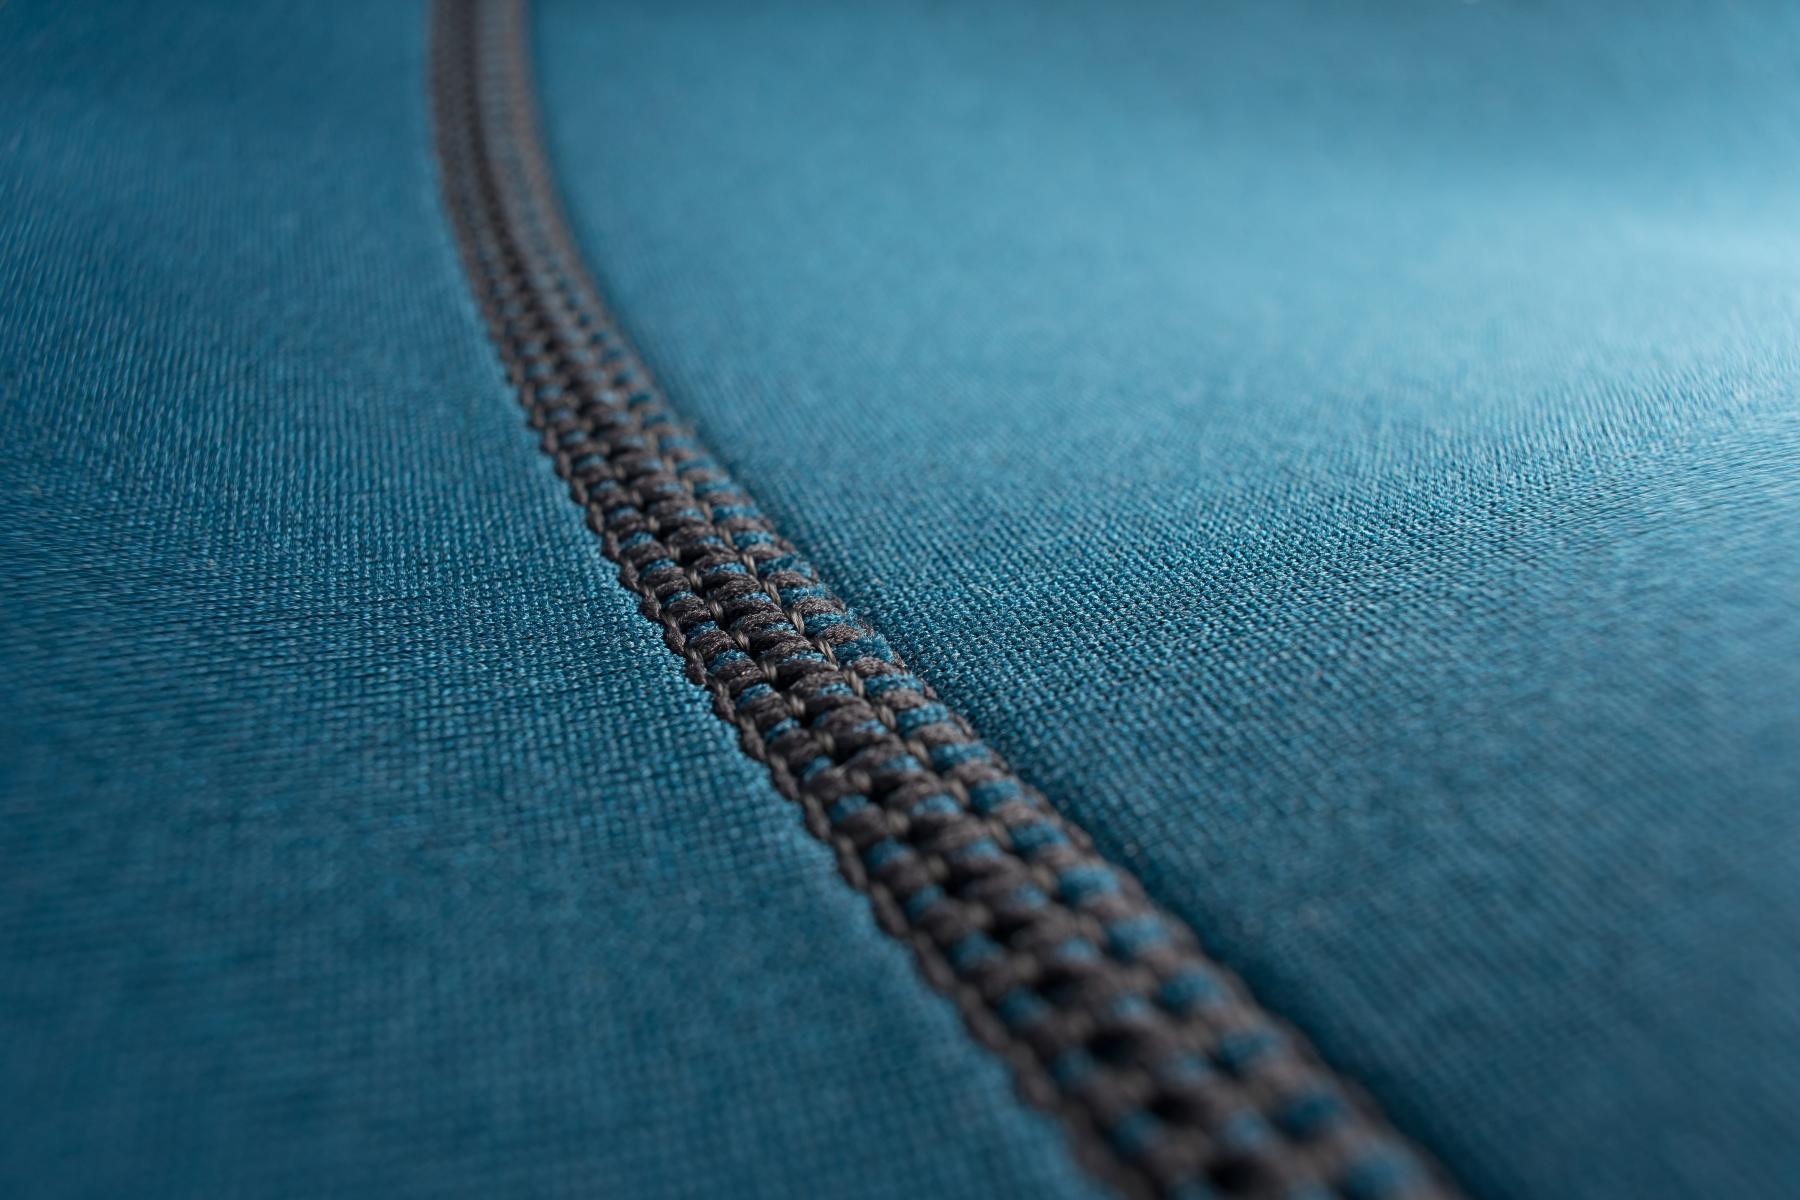 Flatlock stitching